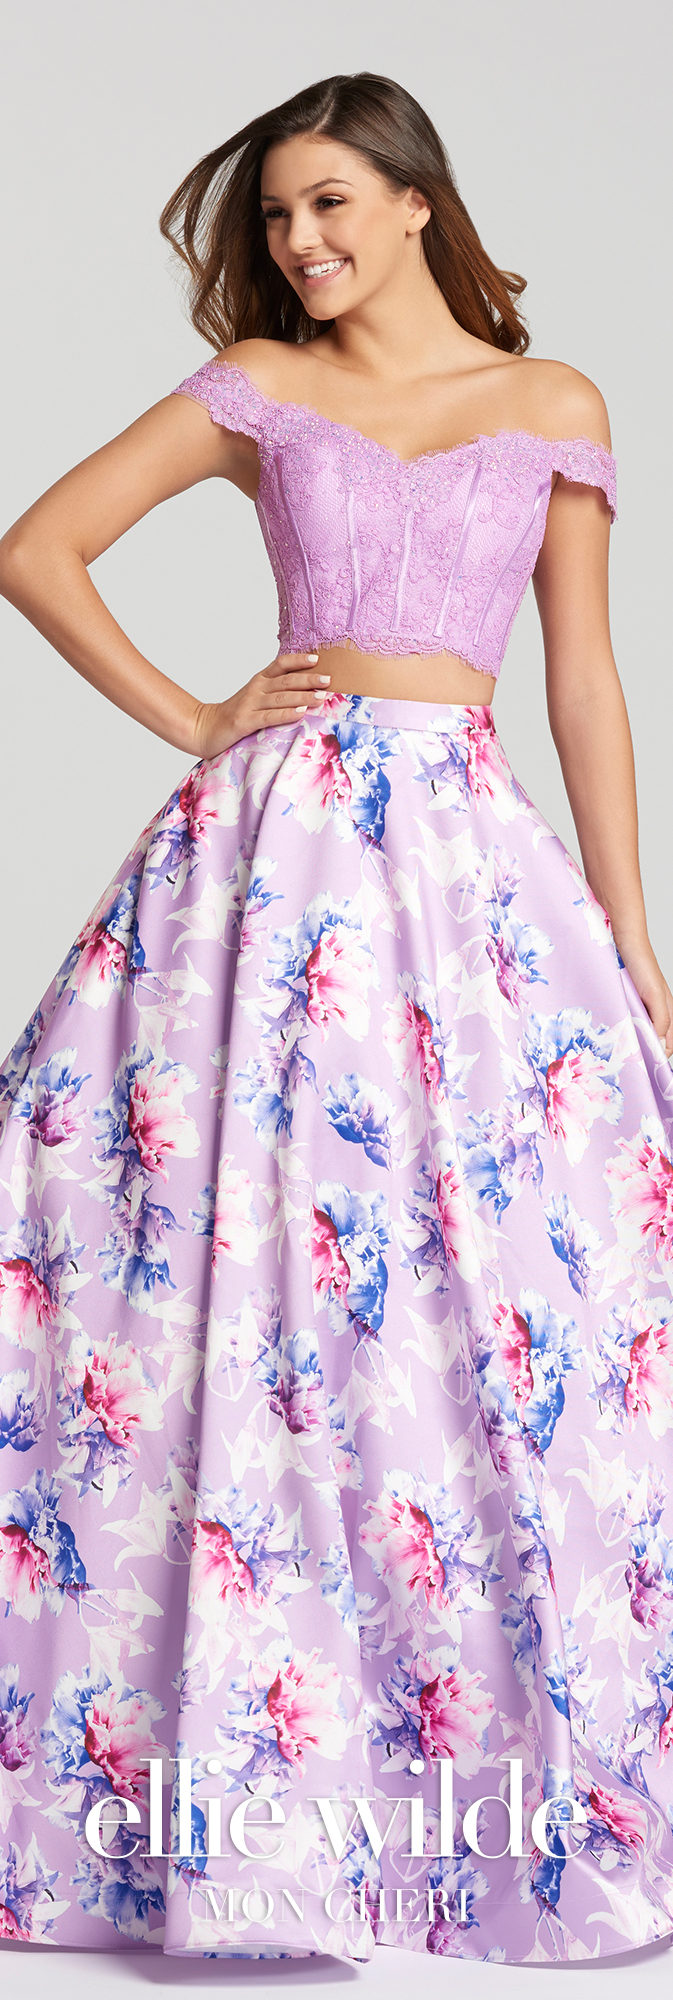 Fantástico Vestidos De Novia Concord Nc Motivo - Colección de ...